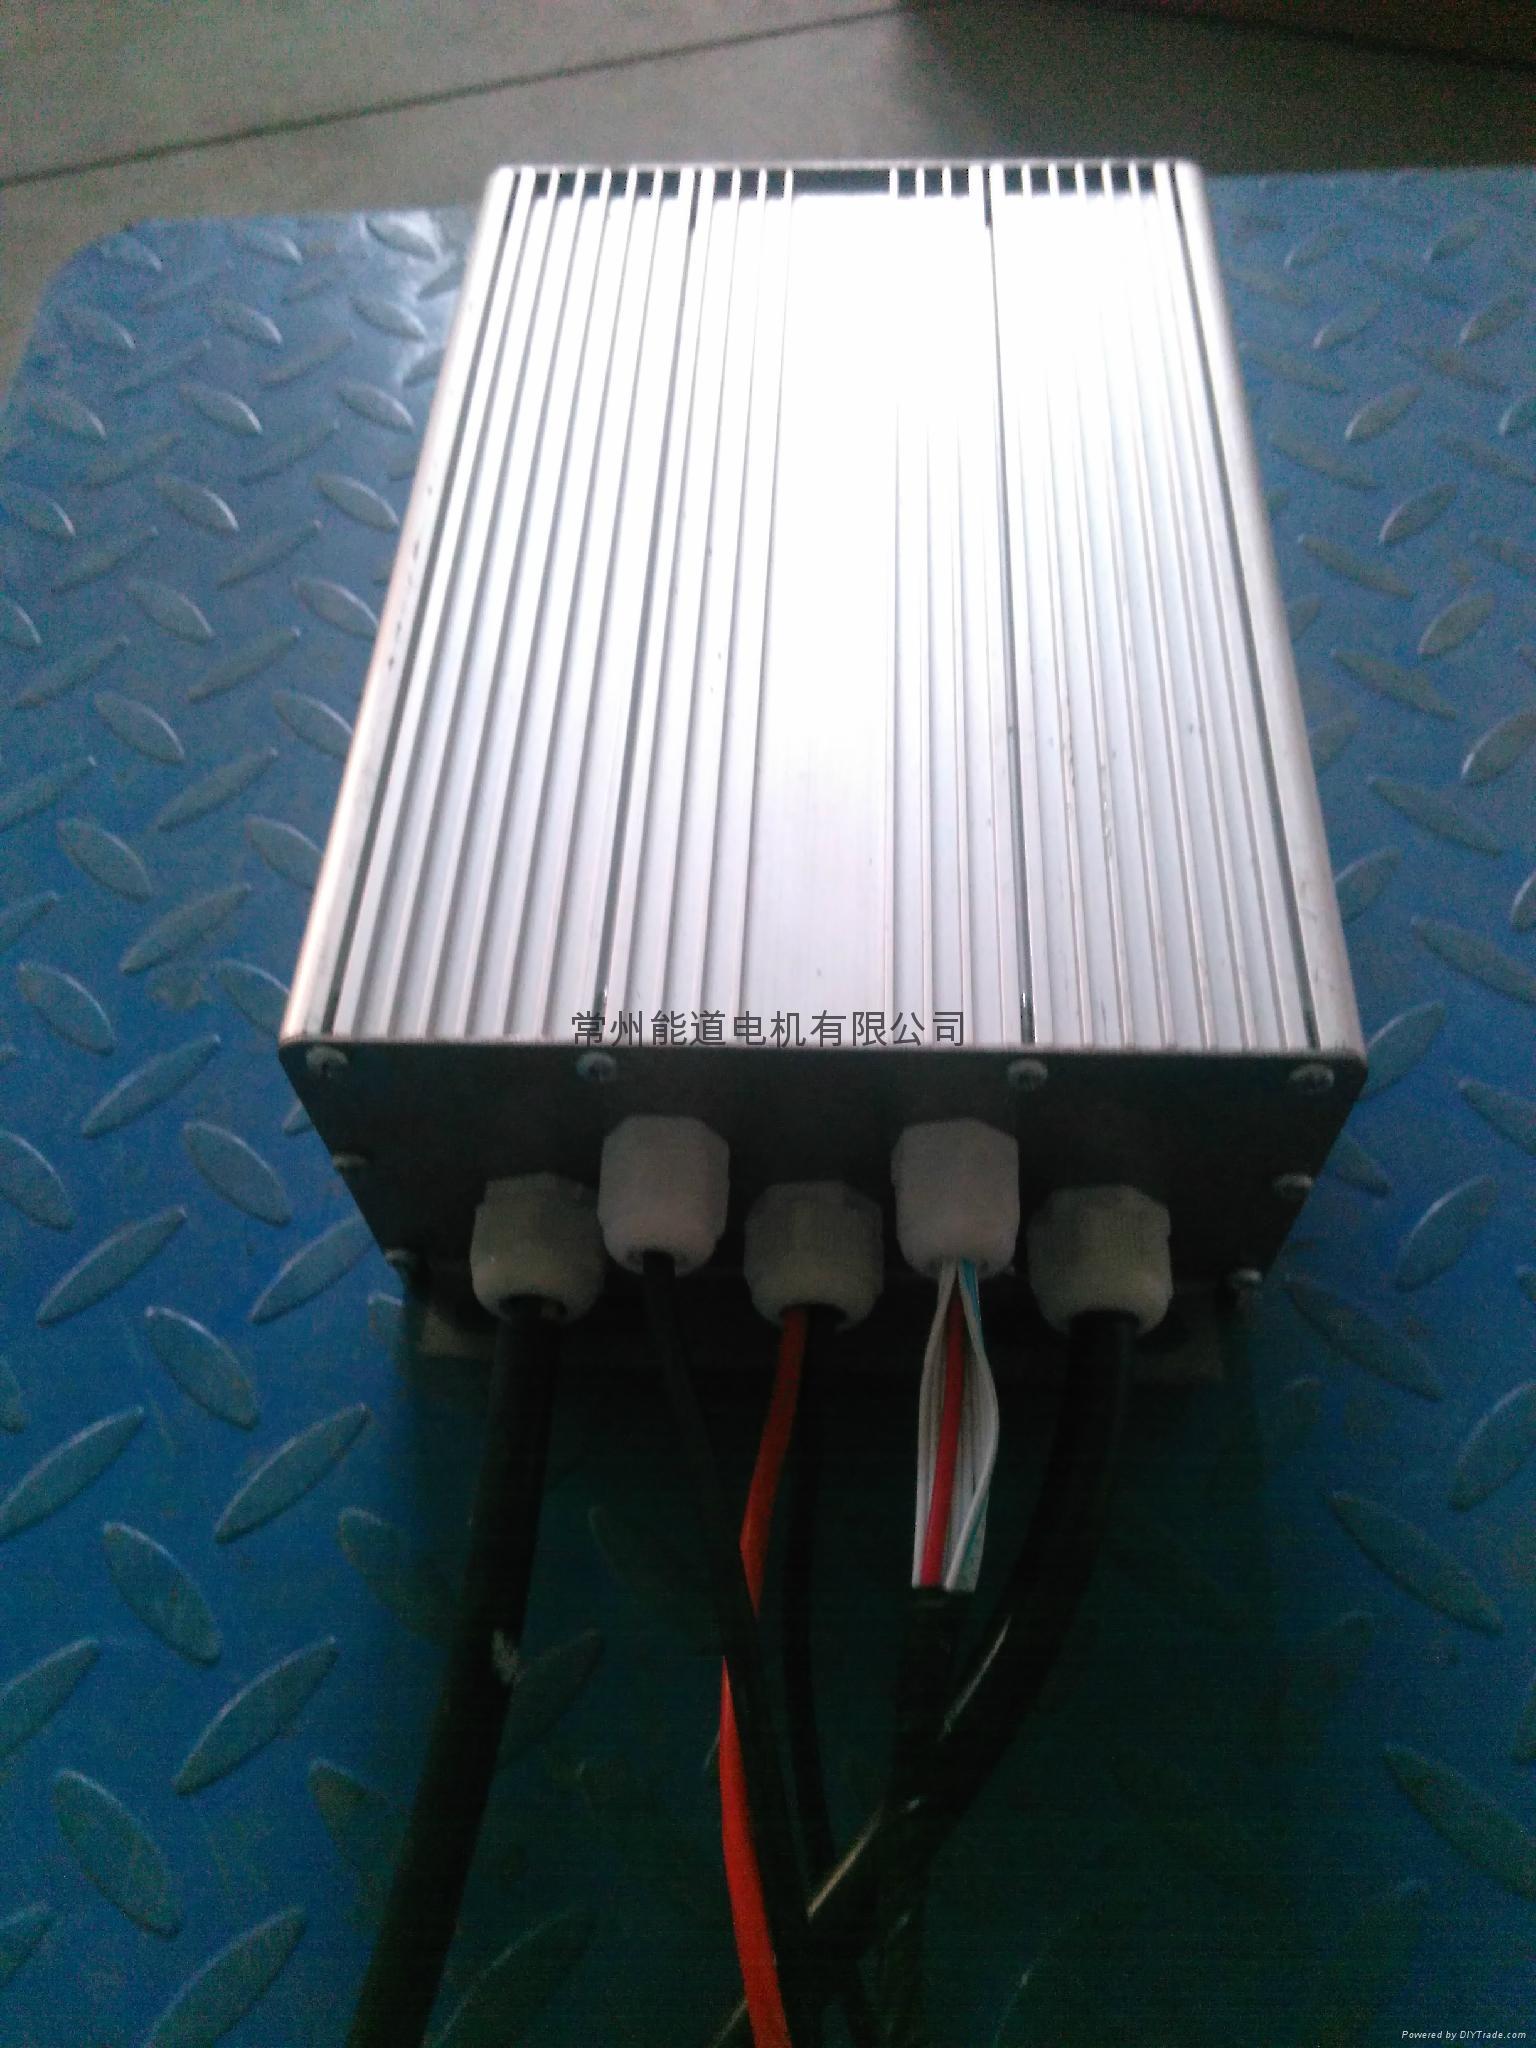 常州能道电机2.5KW开关磁阻控制器 1